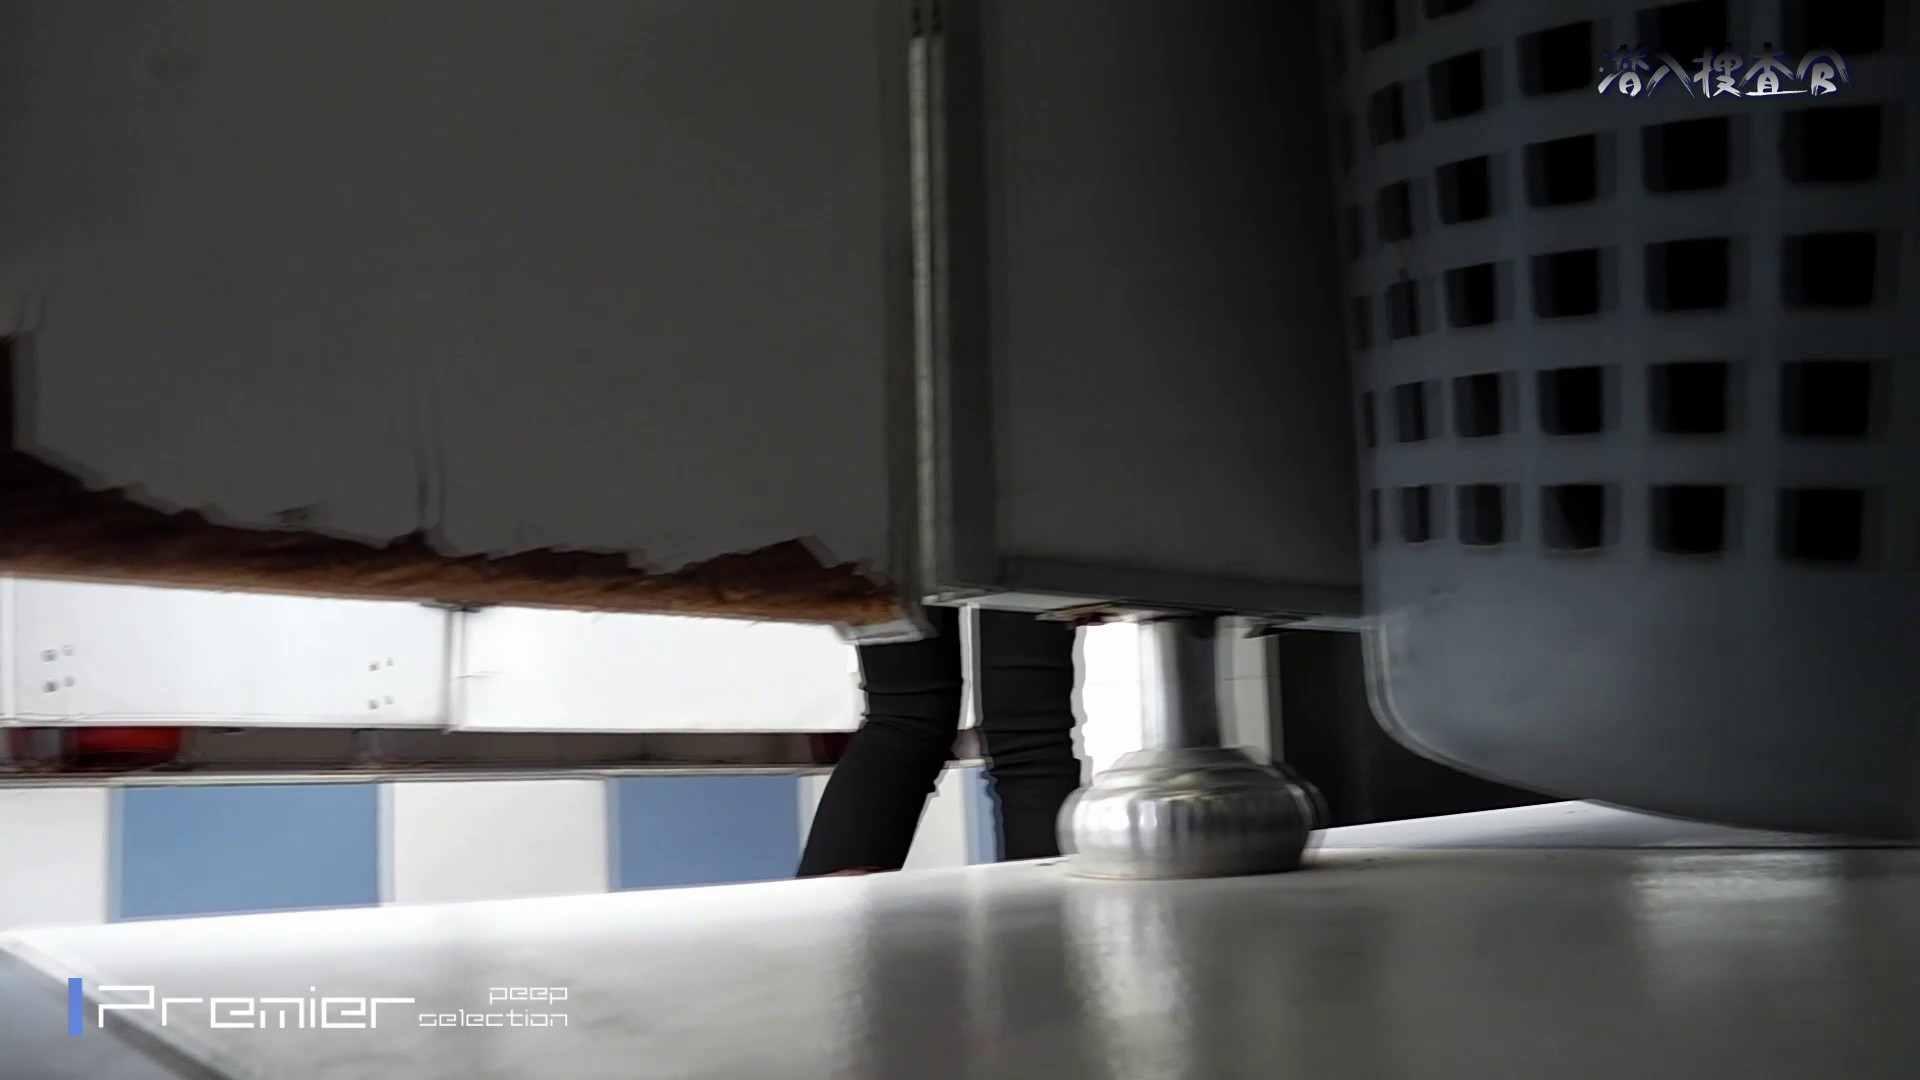 下からノゾム vol.041 携帯に夢中、後ろに居るカメラはやりたい放題! 洗面所 おまんこ無修正動画無料 85画像 8